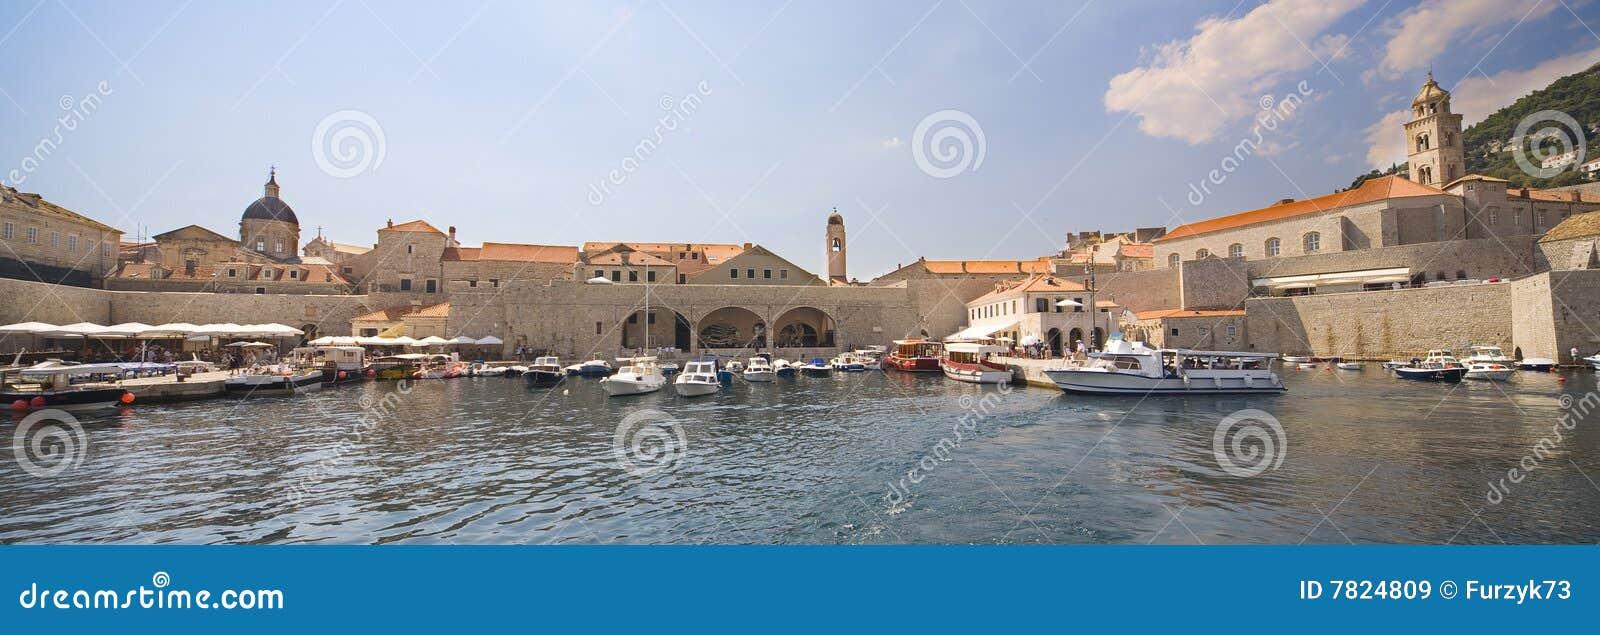 Dubrovnik - panoramische Ansicht von der Küste